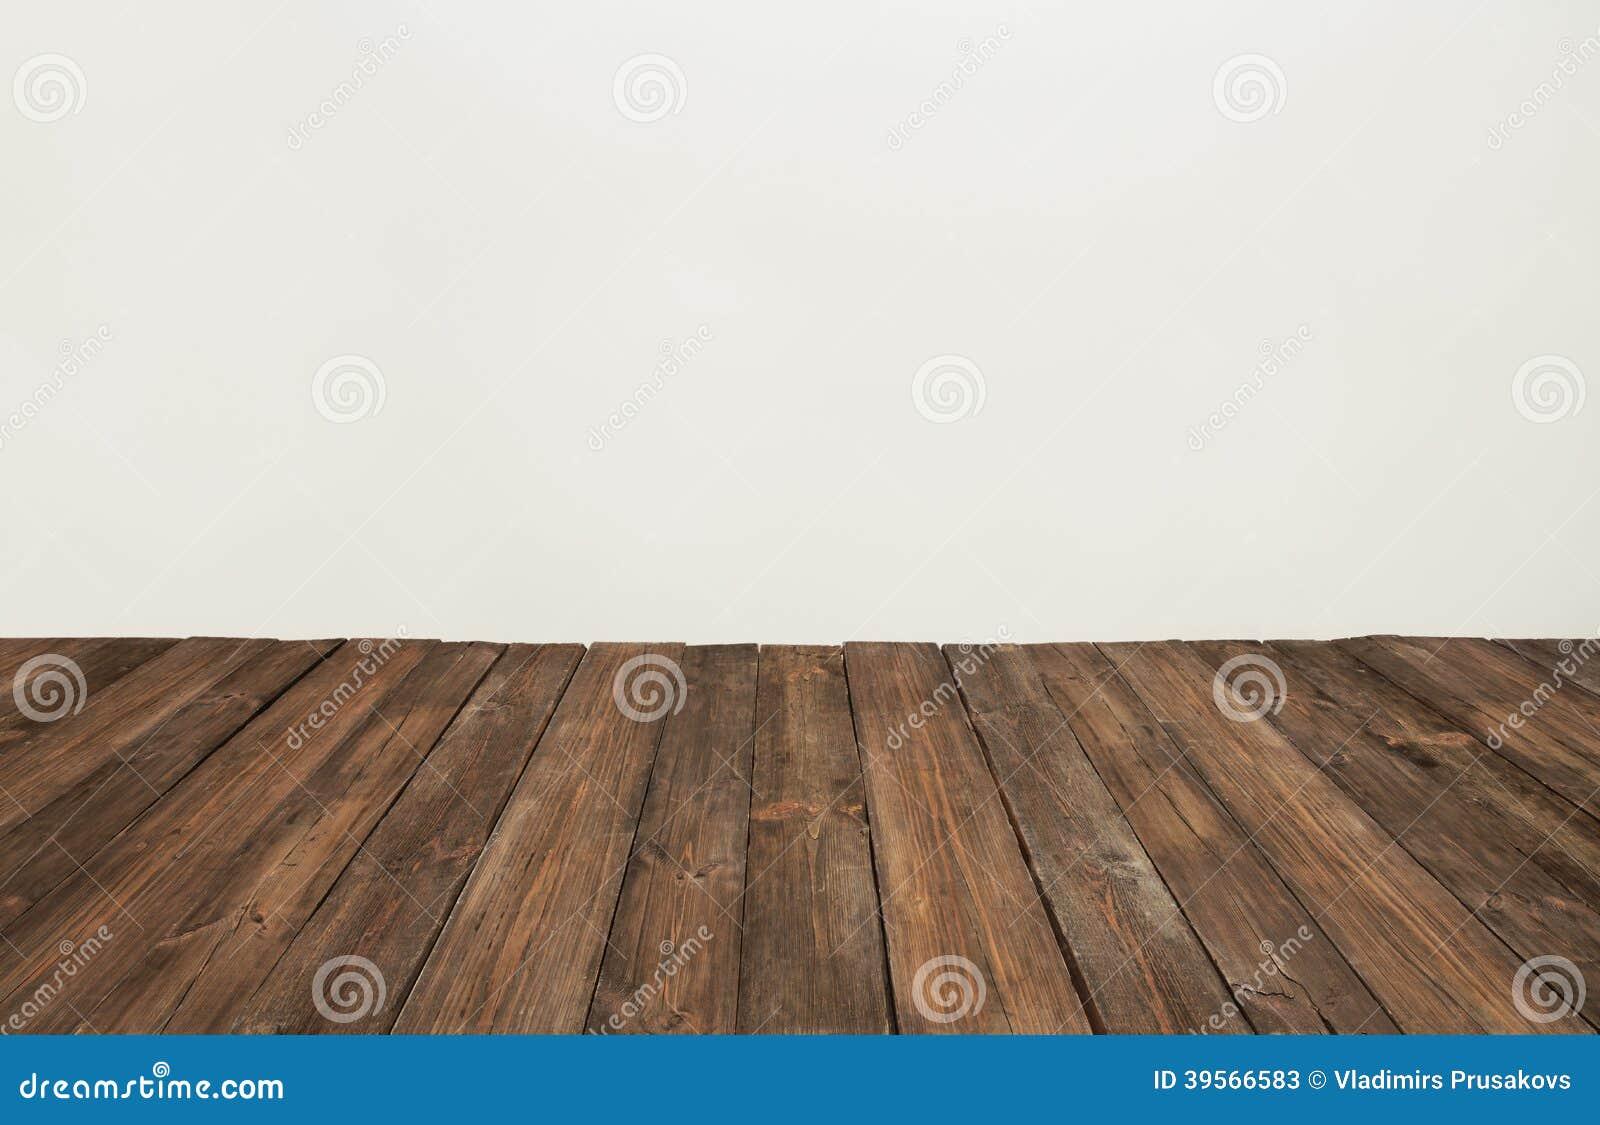 Plancher en bois vieille planche en bois int rieur brun de salle du conseil - Vieille planche bois ...